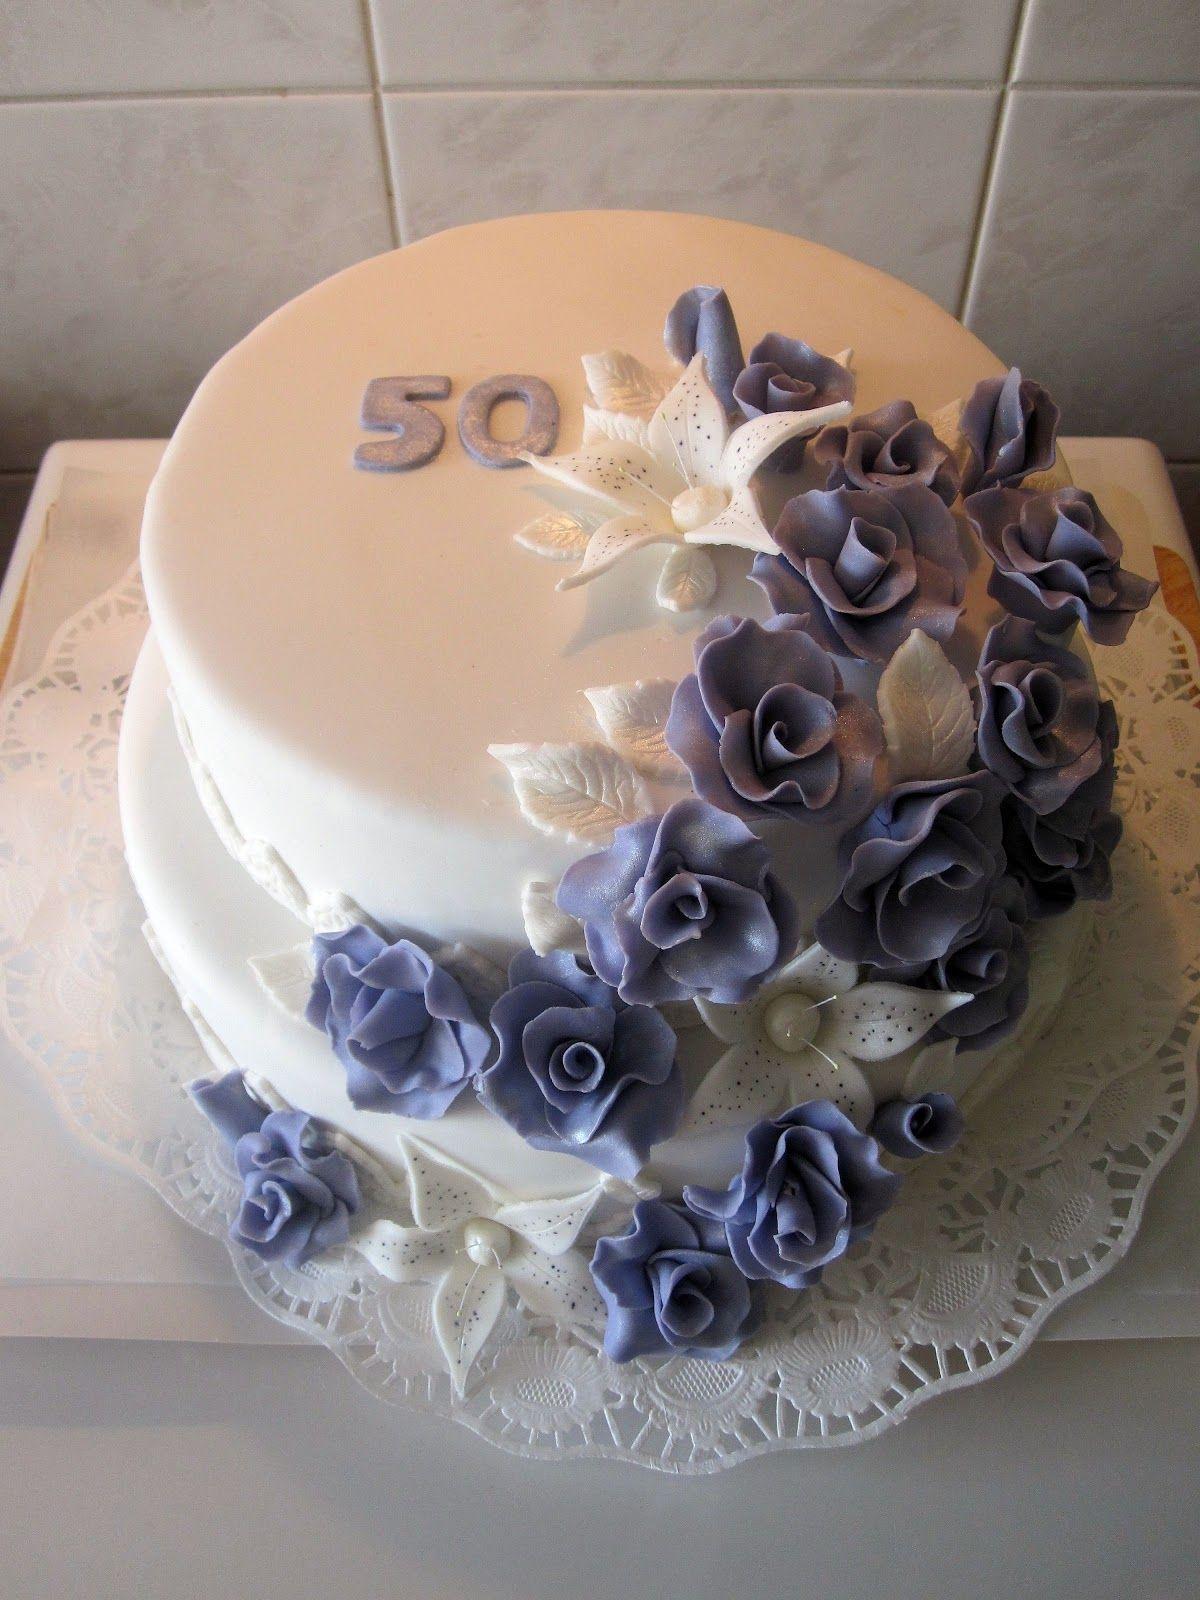 50 szülinapi torta Sweets by Rita: 50 szülinapi torta | Torta | Pinterest 50 szülinapi torta